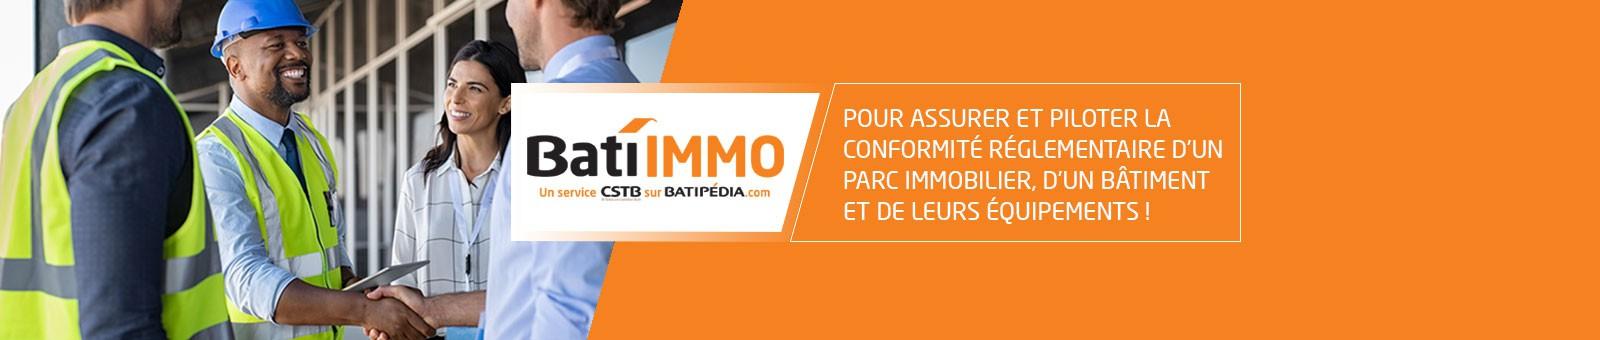 Nouveau Service en ligne BatiIMMO